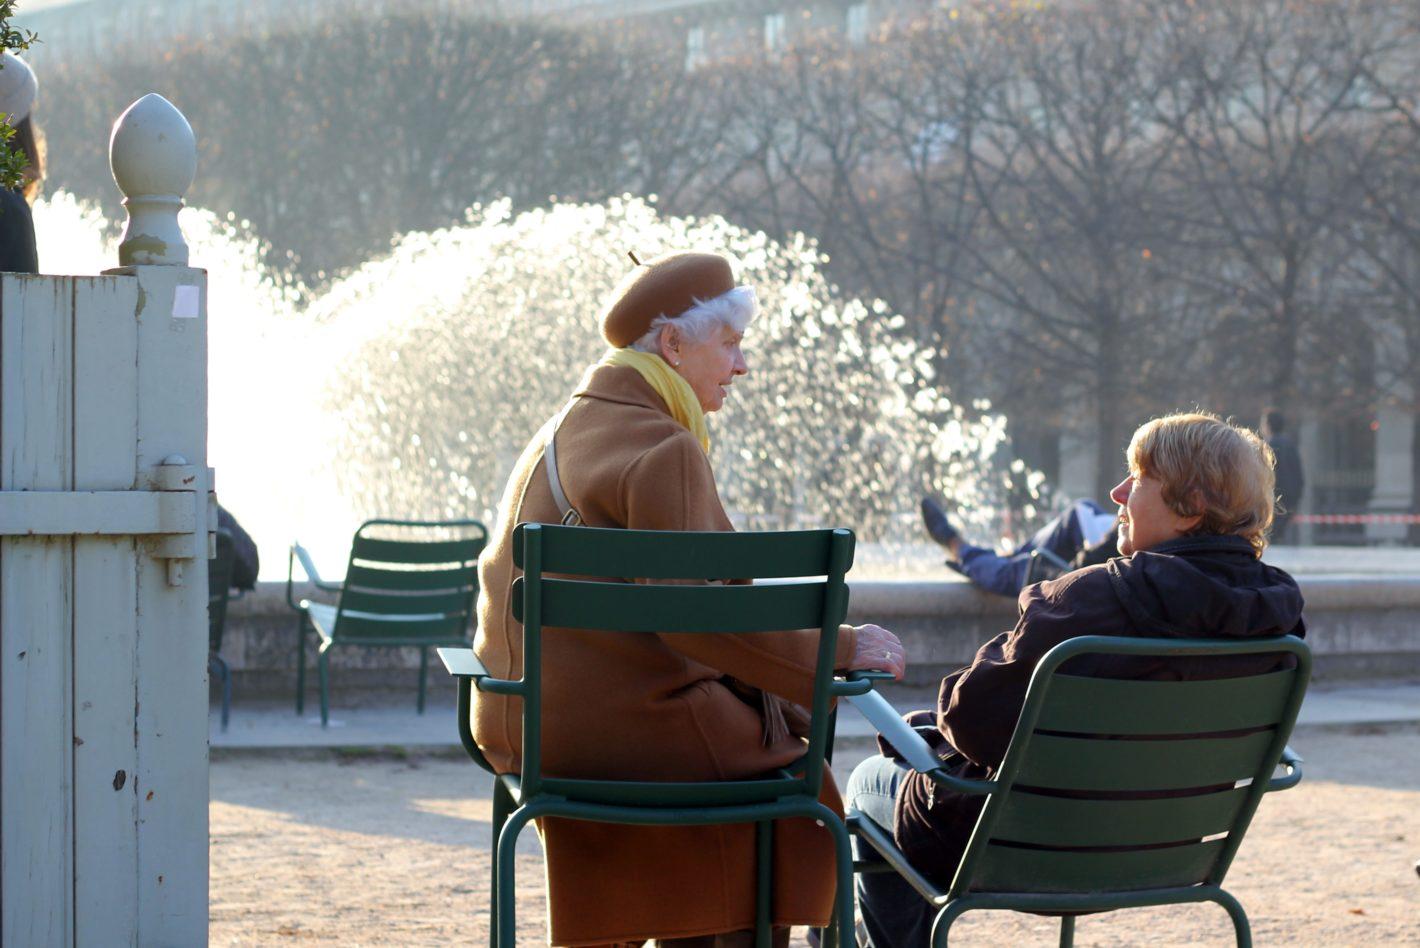 Sparen: Je älter, desto mehr